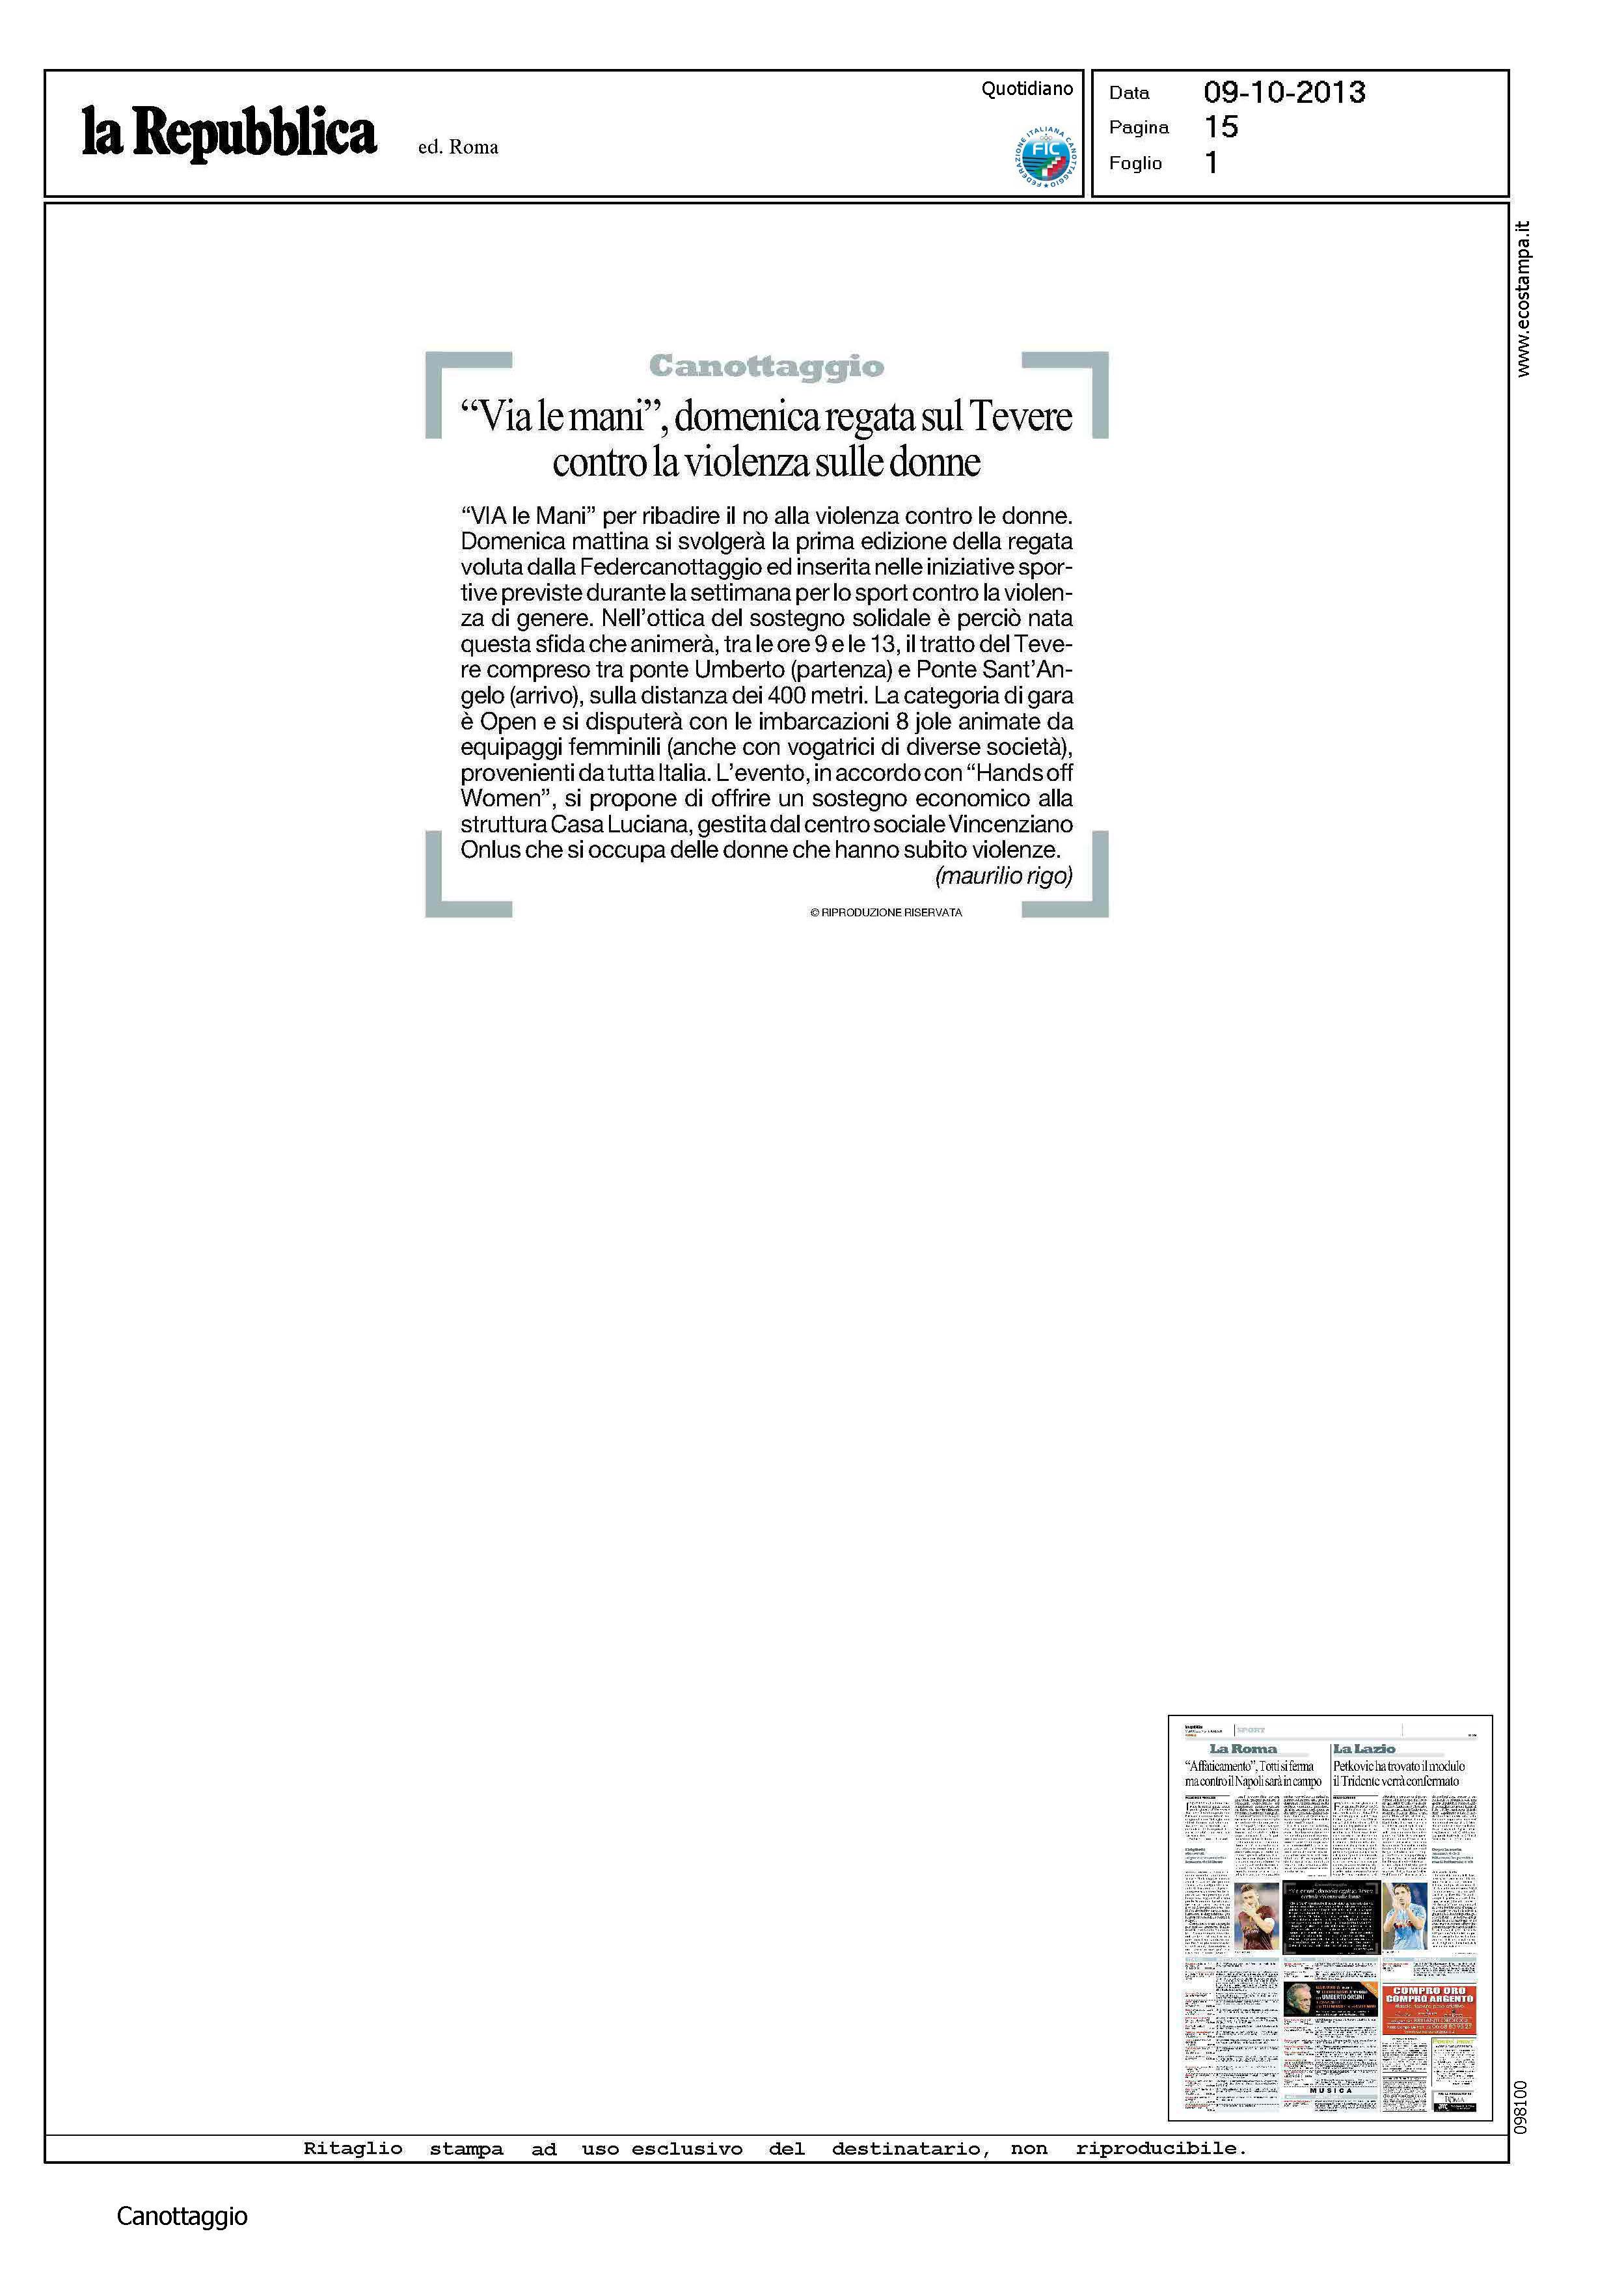 La Repubblica - Via le mani domenica regata sul Tevere contro la violenza sulle donne